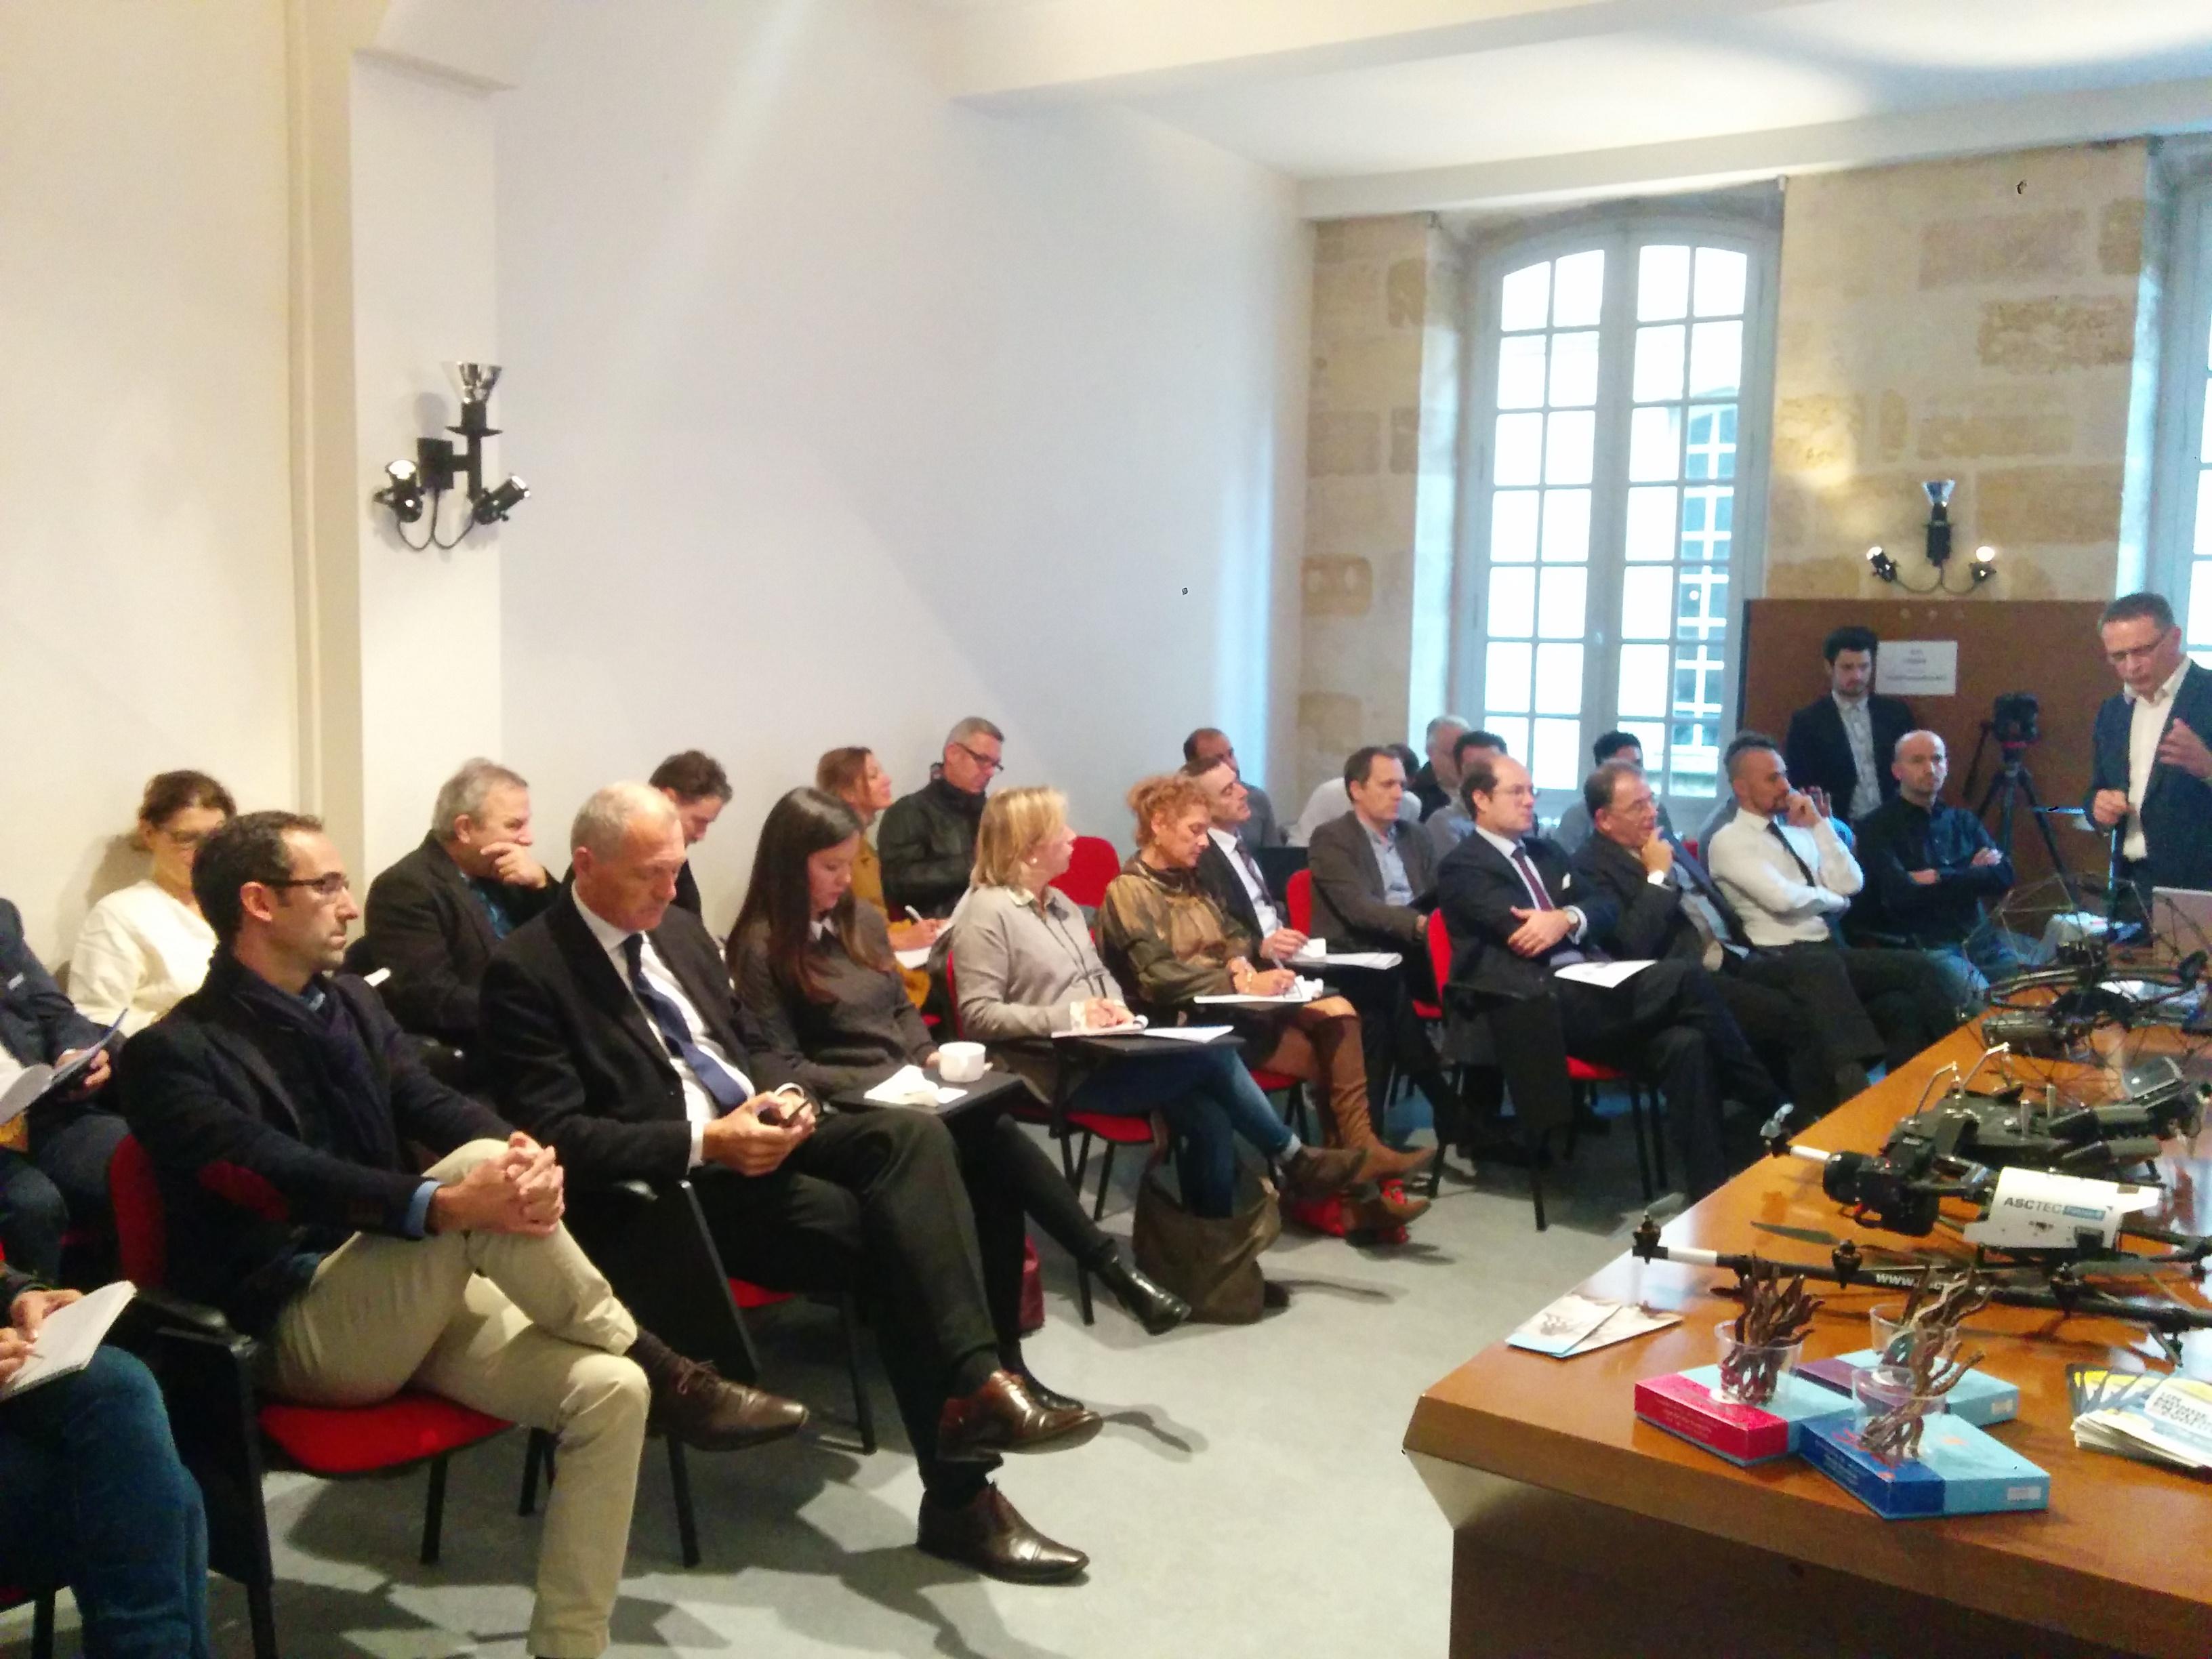 Air Marine a décidé de faire son entrée en Bourse. Photo Club de la presse de Bordeaux.